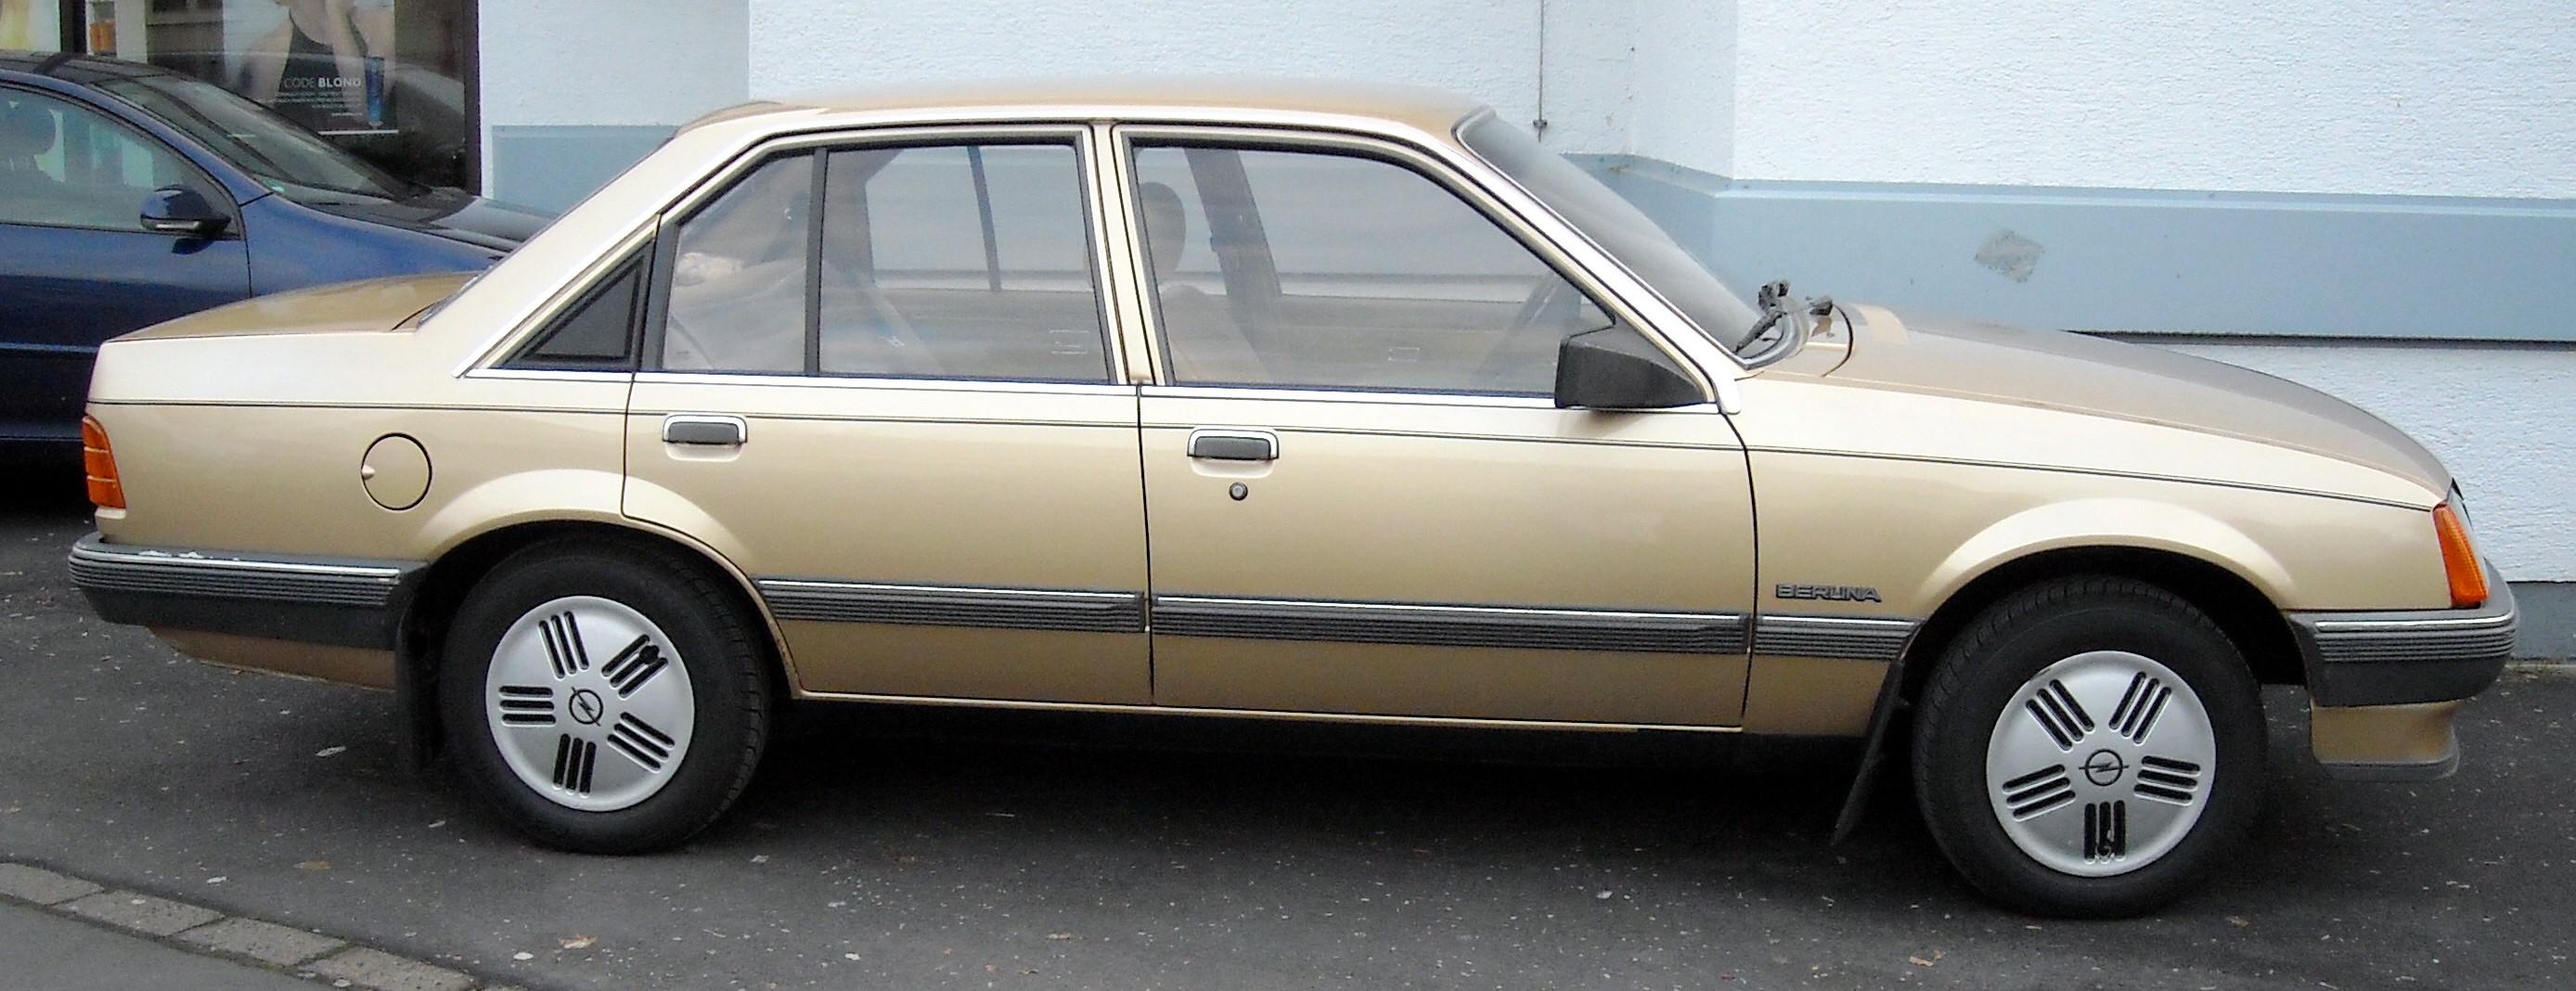 Opel Rekord E 1977 - 1986 Sedan #1